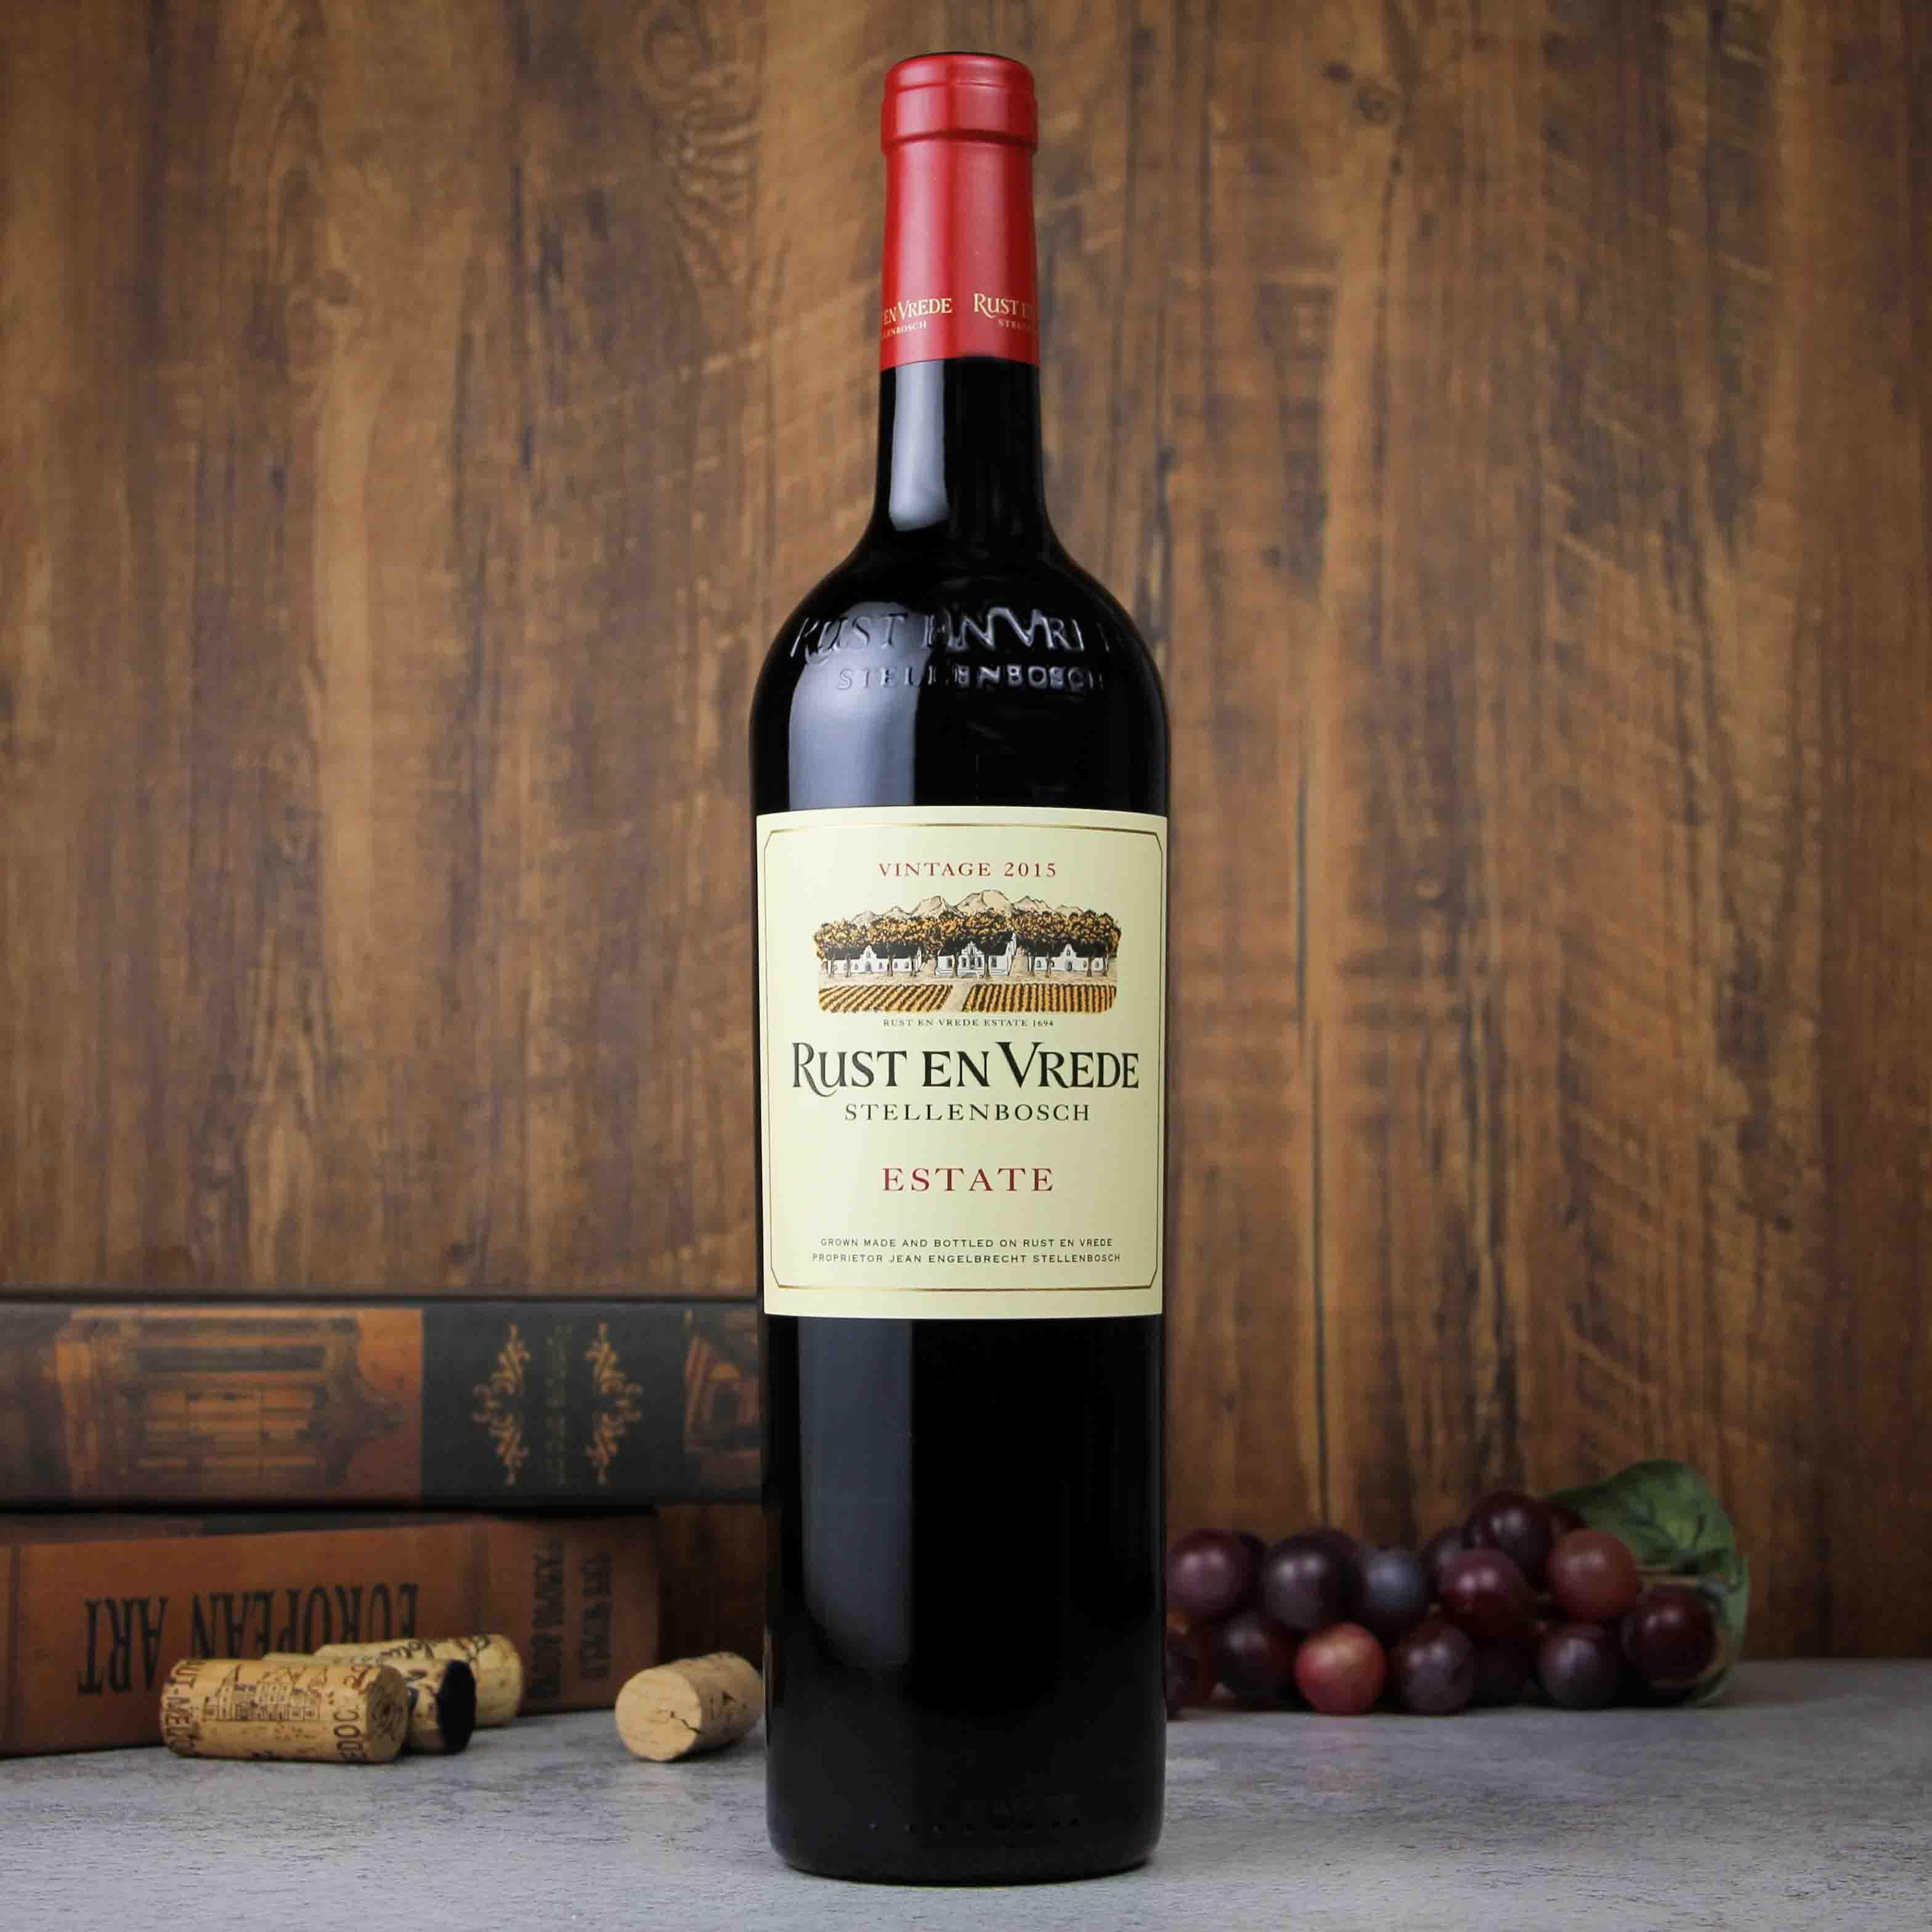 南非斯泰伦博斯福瑞德庄园红葡萄酒红酒